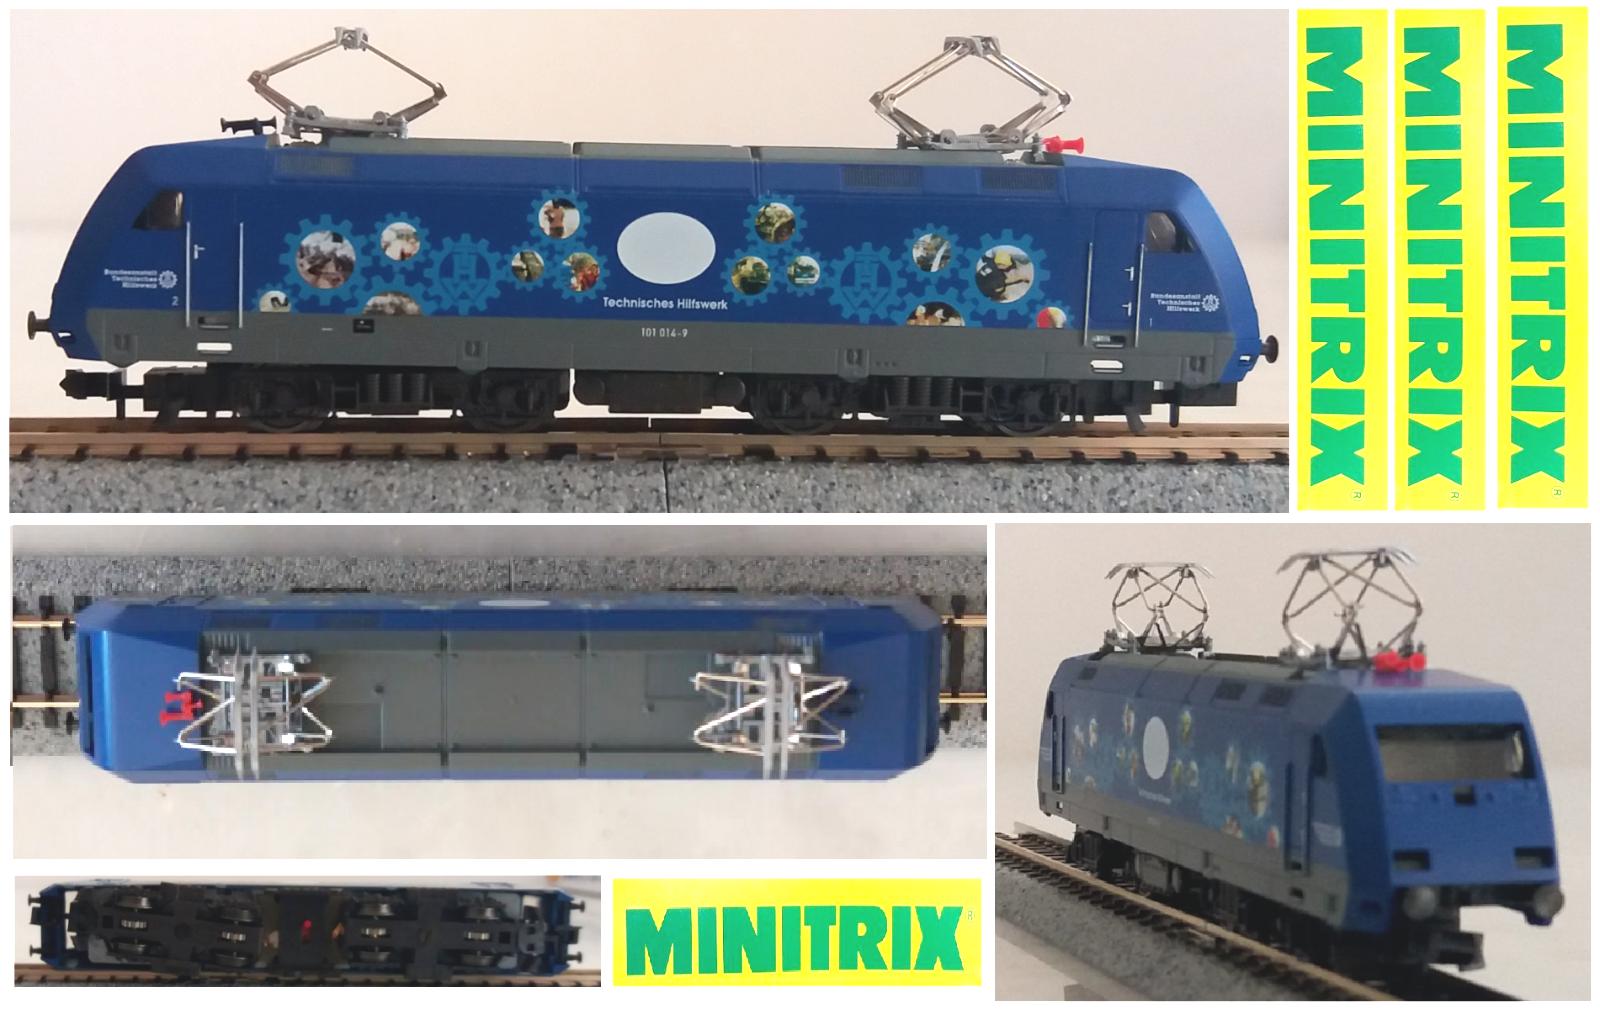 MINITRIX LOCOMOTORE ELETTRICO BR101 014-9 DB CONTROLLO LINEE ELETTRICHE SCALA-N